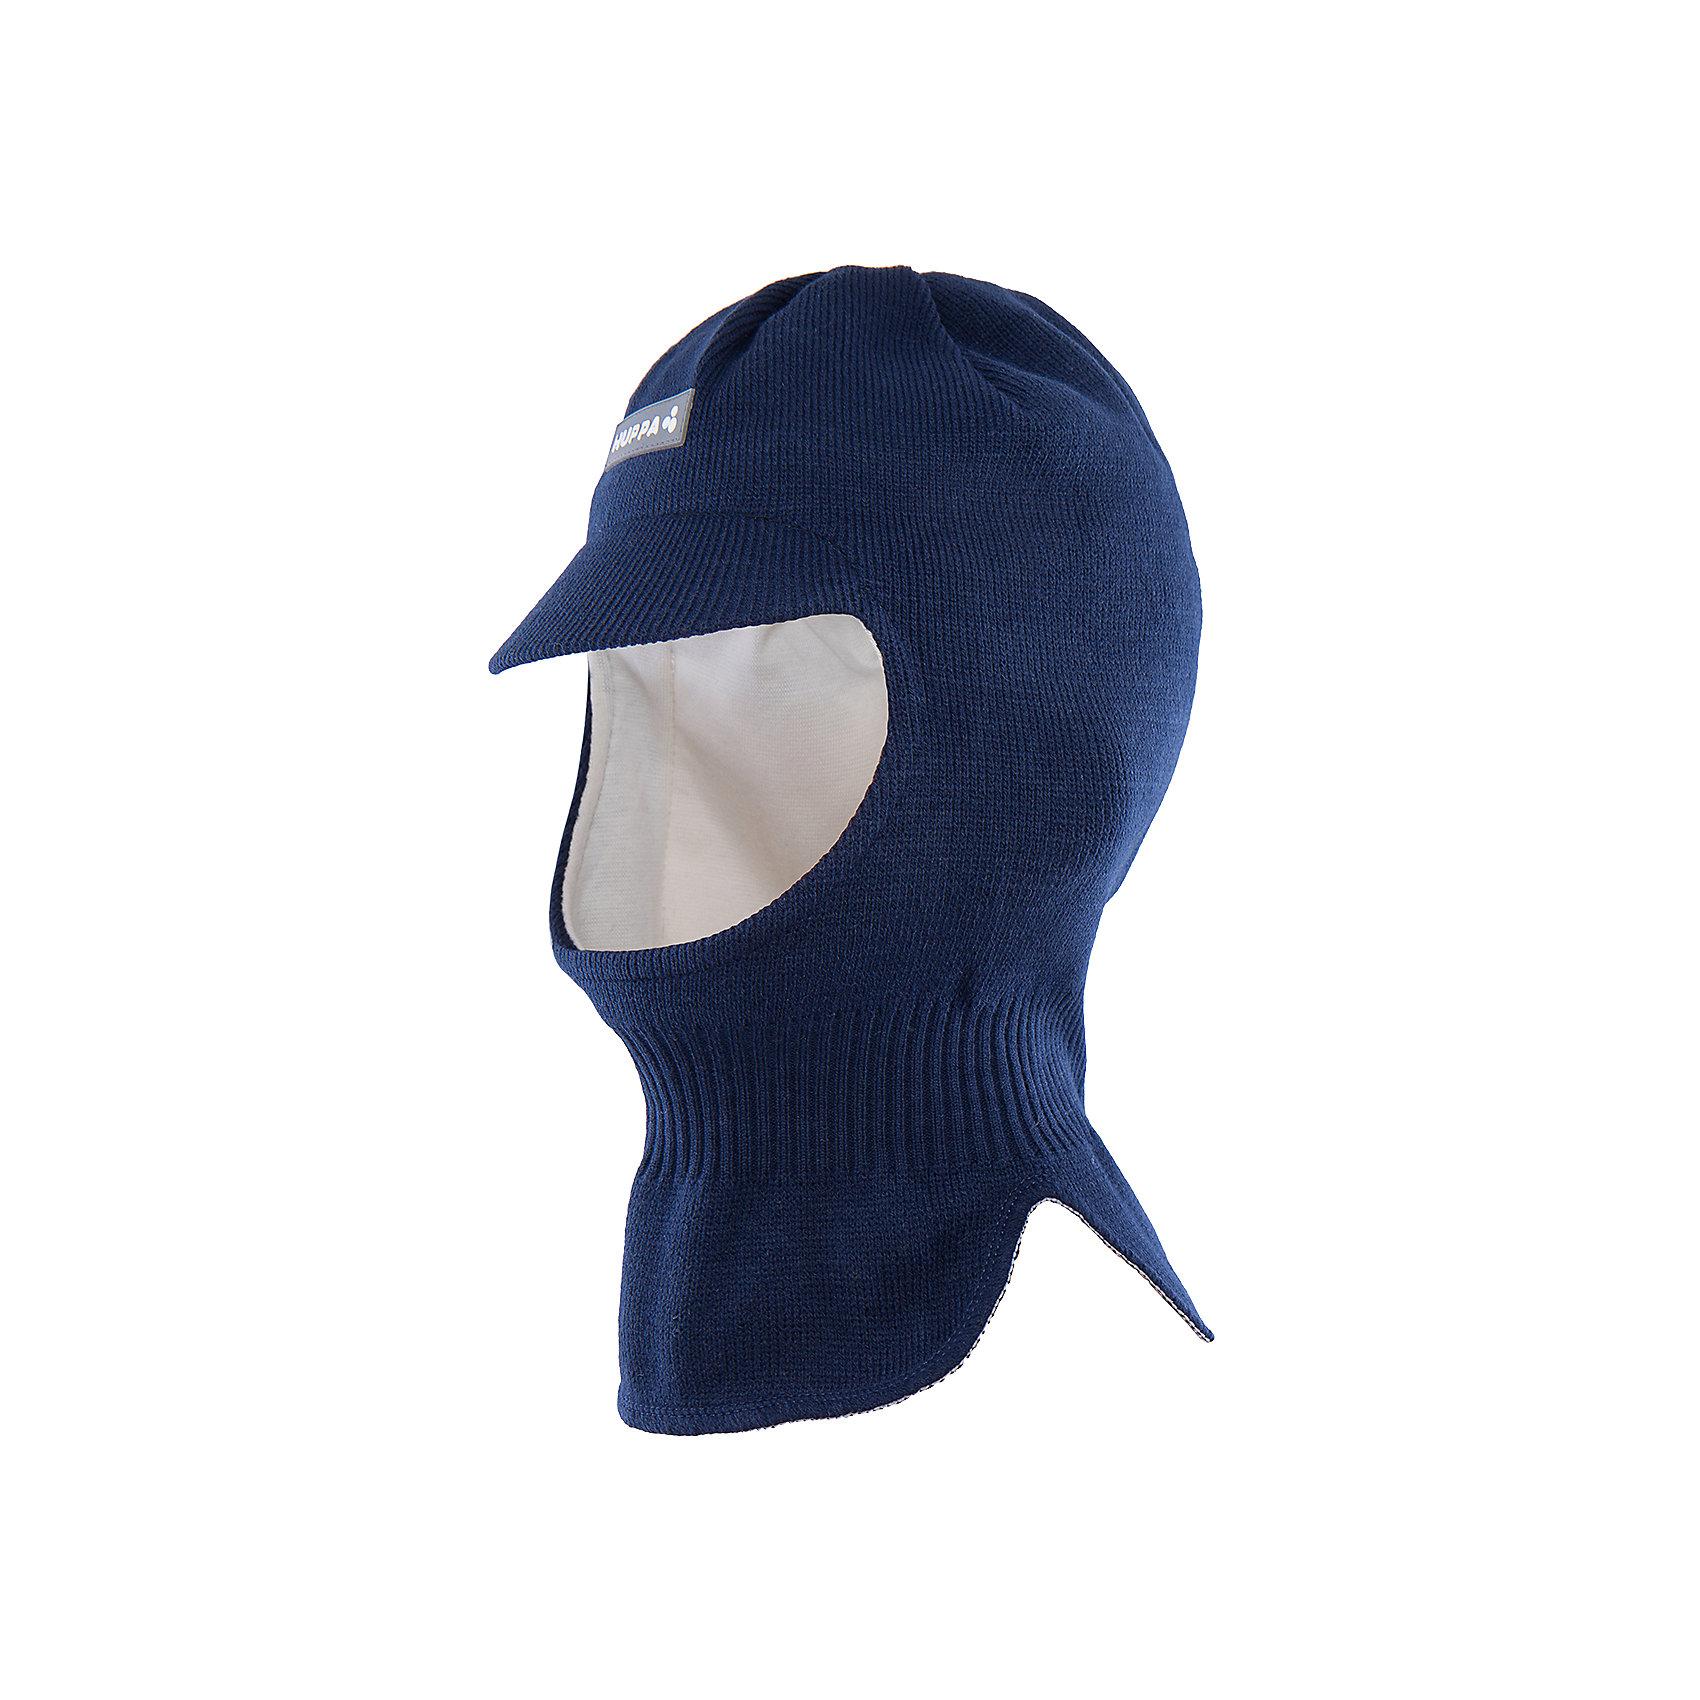 Шапка-шлем  для мальчика HuppaКлассическая вязаная шапка-шлем с козырьком SINDRE Huppa(Хуппа) идеально подойдет для прогулок в зимнее время. Шапка изготовлена из шерсти мериноса и акрила и отлично защитит уши и шею от мороза и ветра. Ее удобно надевать даже под капюшон. Прекрасно впишется в гардероб мальчика.<br><br>Дополнительная информация:<br>Материал: 100% акрил<br>Подкладка: хлопок<br>Цвет: темно-синий<br><br>Шапку-шлем SINDRE Huppa(Хуппа) можно купить в нашем интернет-магазине.<br><br>Ширина мм: 89<br>Глубина мм: 117<br>Высота мм: 44<br>Вес г: 155<br>Цвет: синий<br>Возраст от месяцев: 12<br>Возраст до месяцев: 24<br>Пол: Мужской<br>Возраст: Детский<br>Размер: 47-49,55-57,51-53<br>SKU: 4923902